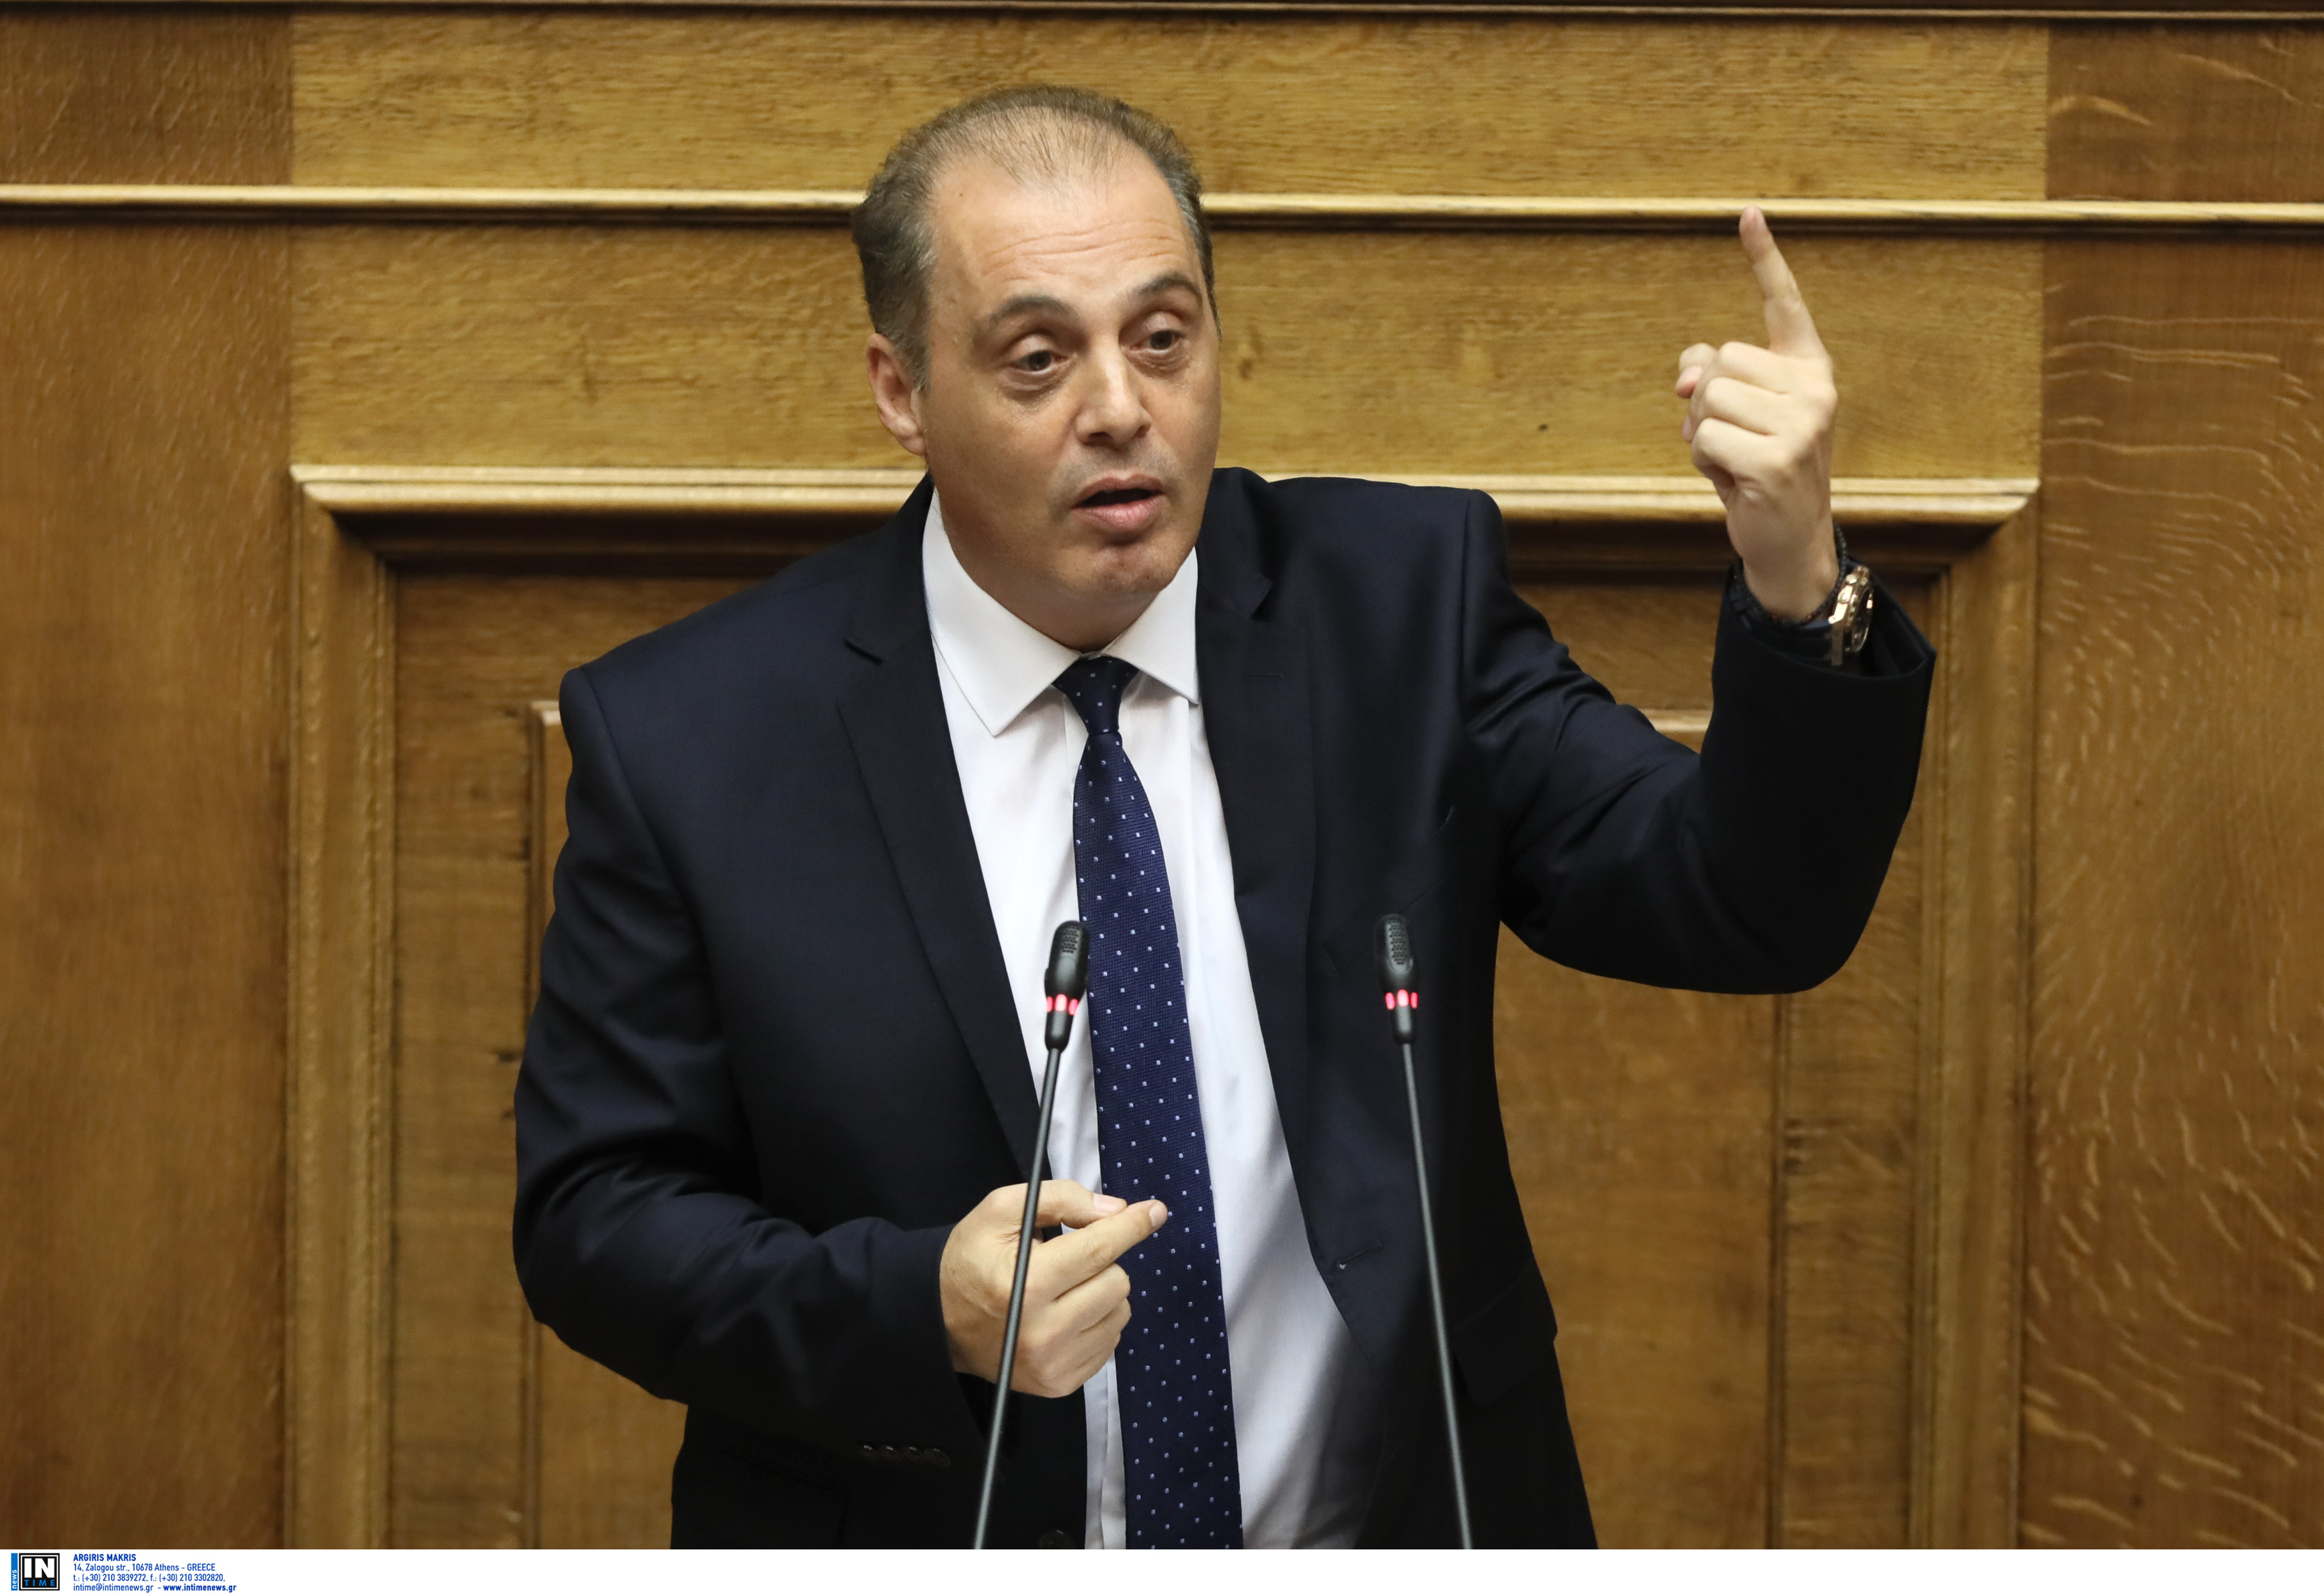 Βελόπουλος: Ακυρώστε την Συμφωνία των Πρεσπών και ο λαός θα σας ευγνωμονεί